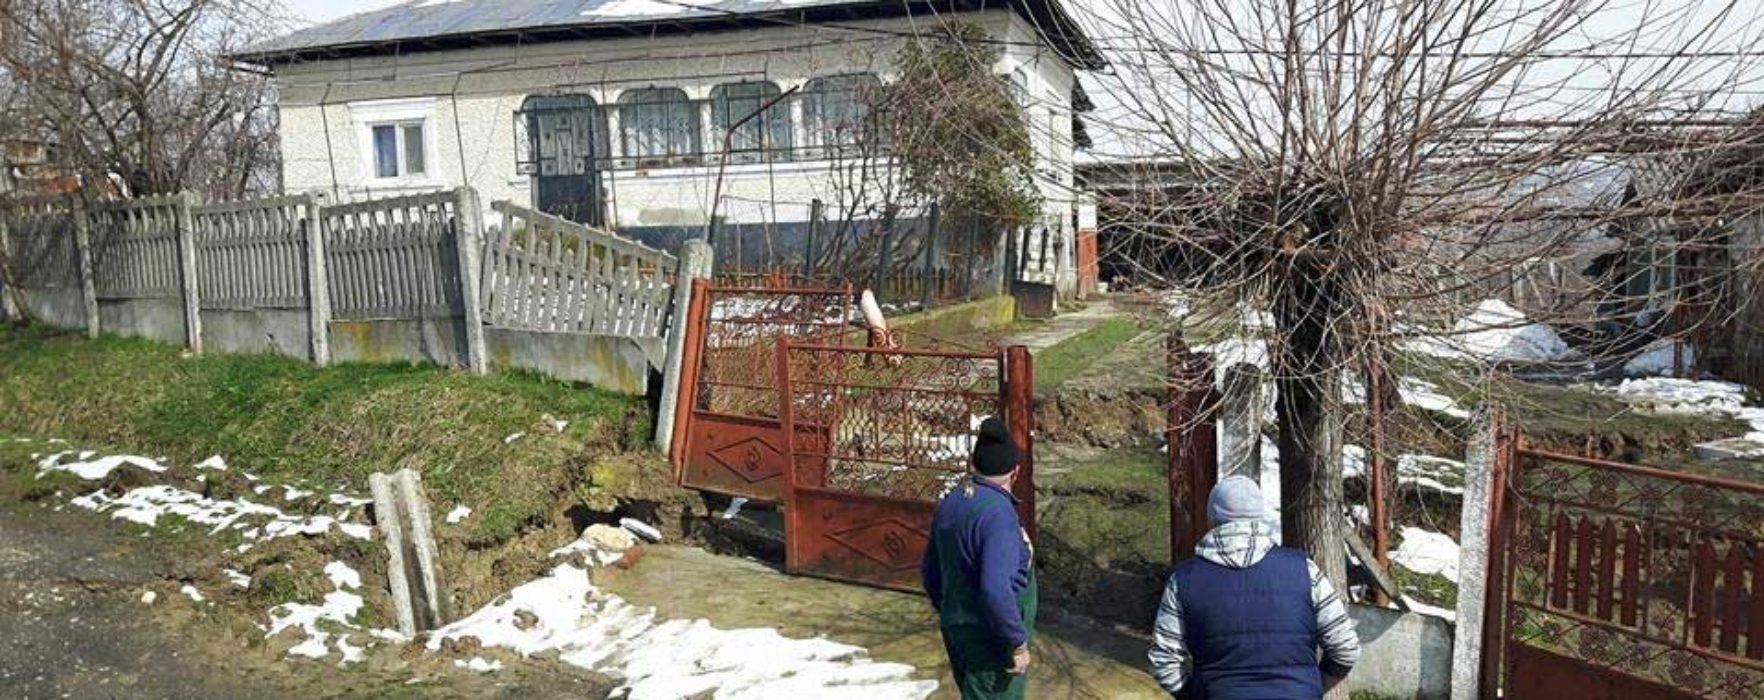 Dâmboviţa: Consiliul judeţean a acordat ajutoare financiare familiilor ale căror case au fost afectate de alunecări